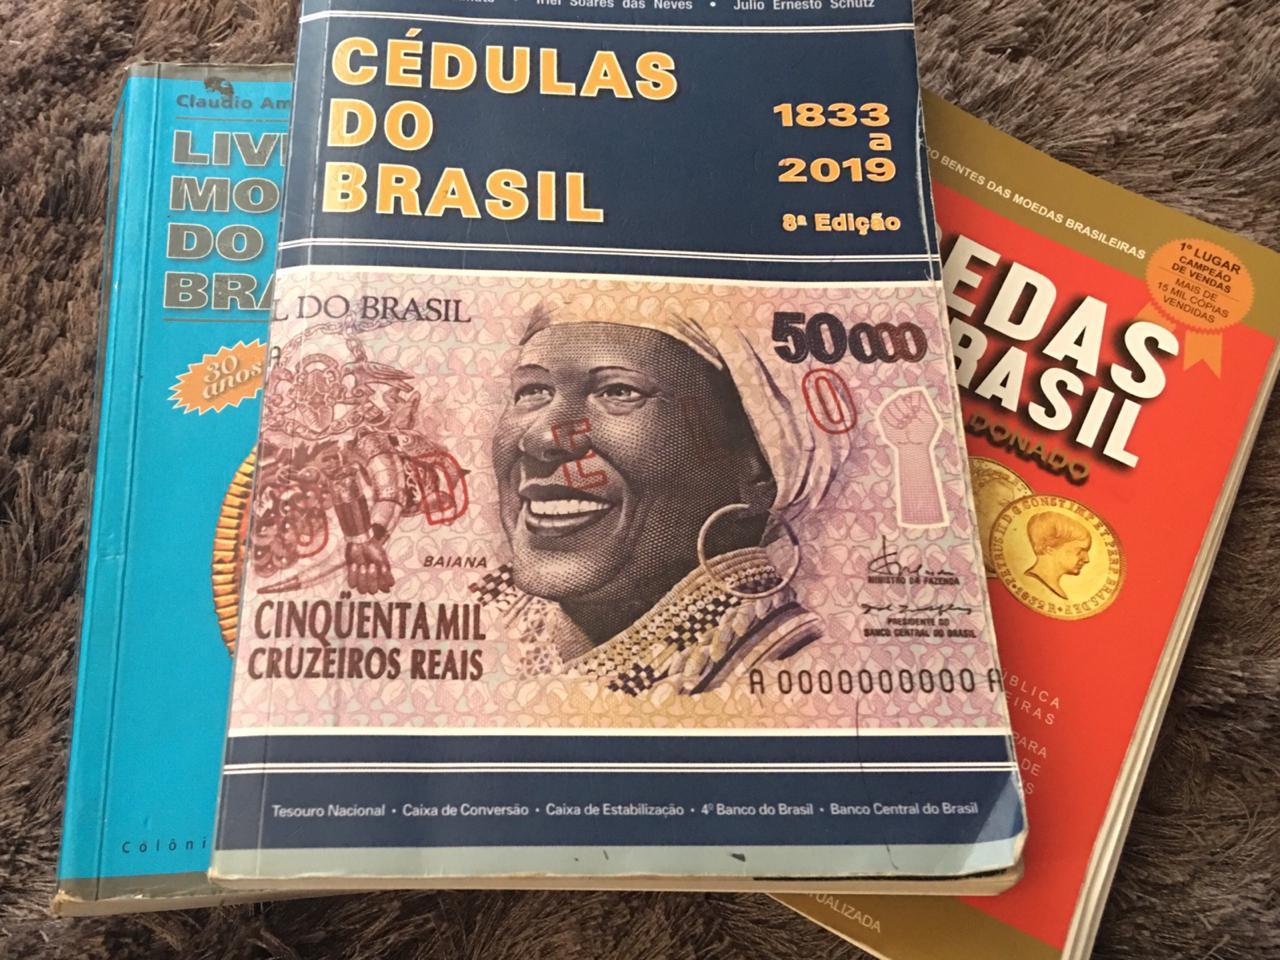 Catálogos numismáticos indicam preços de cédulas e moedas antigas